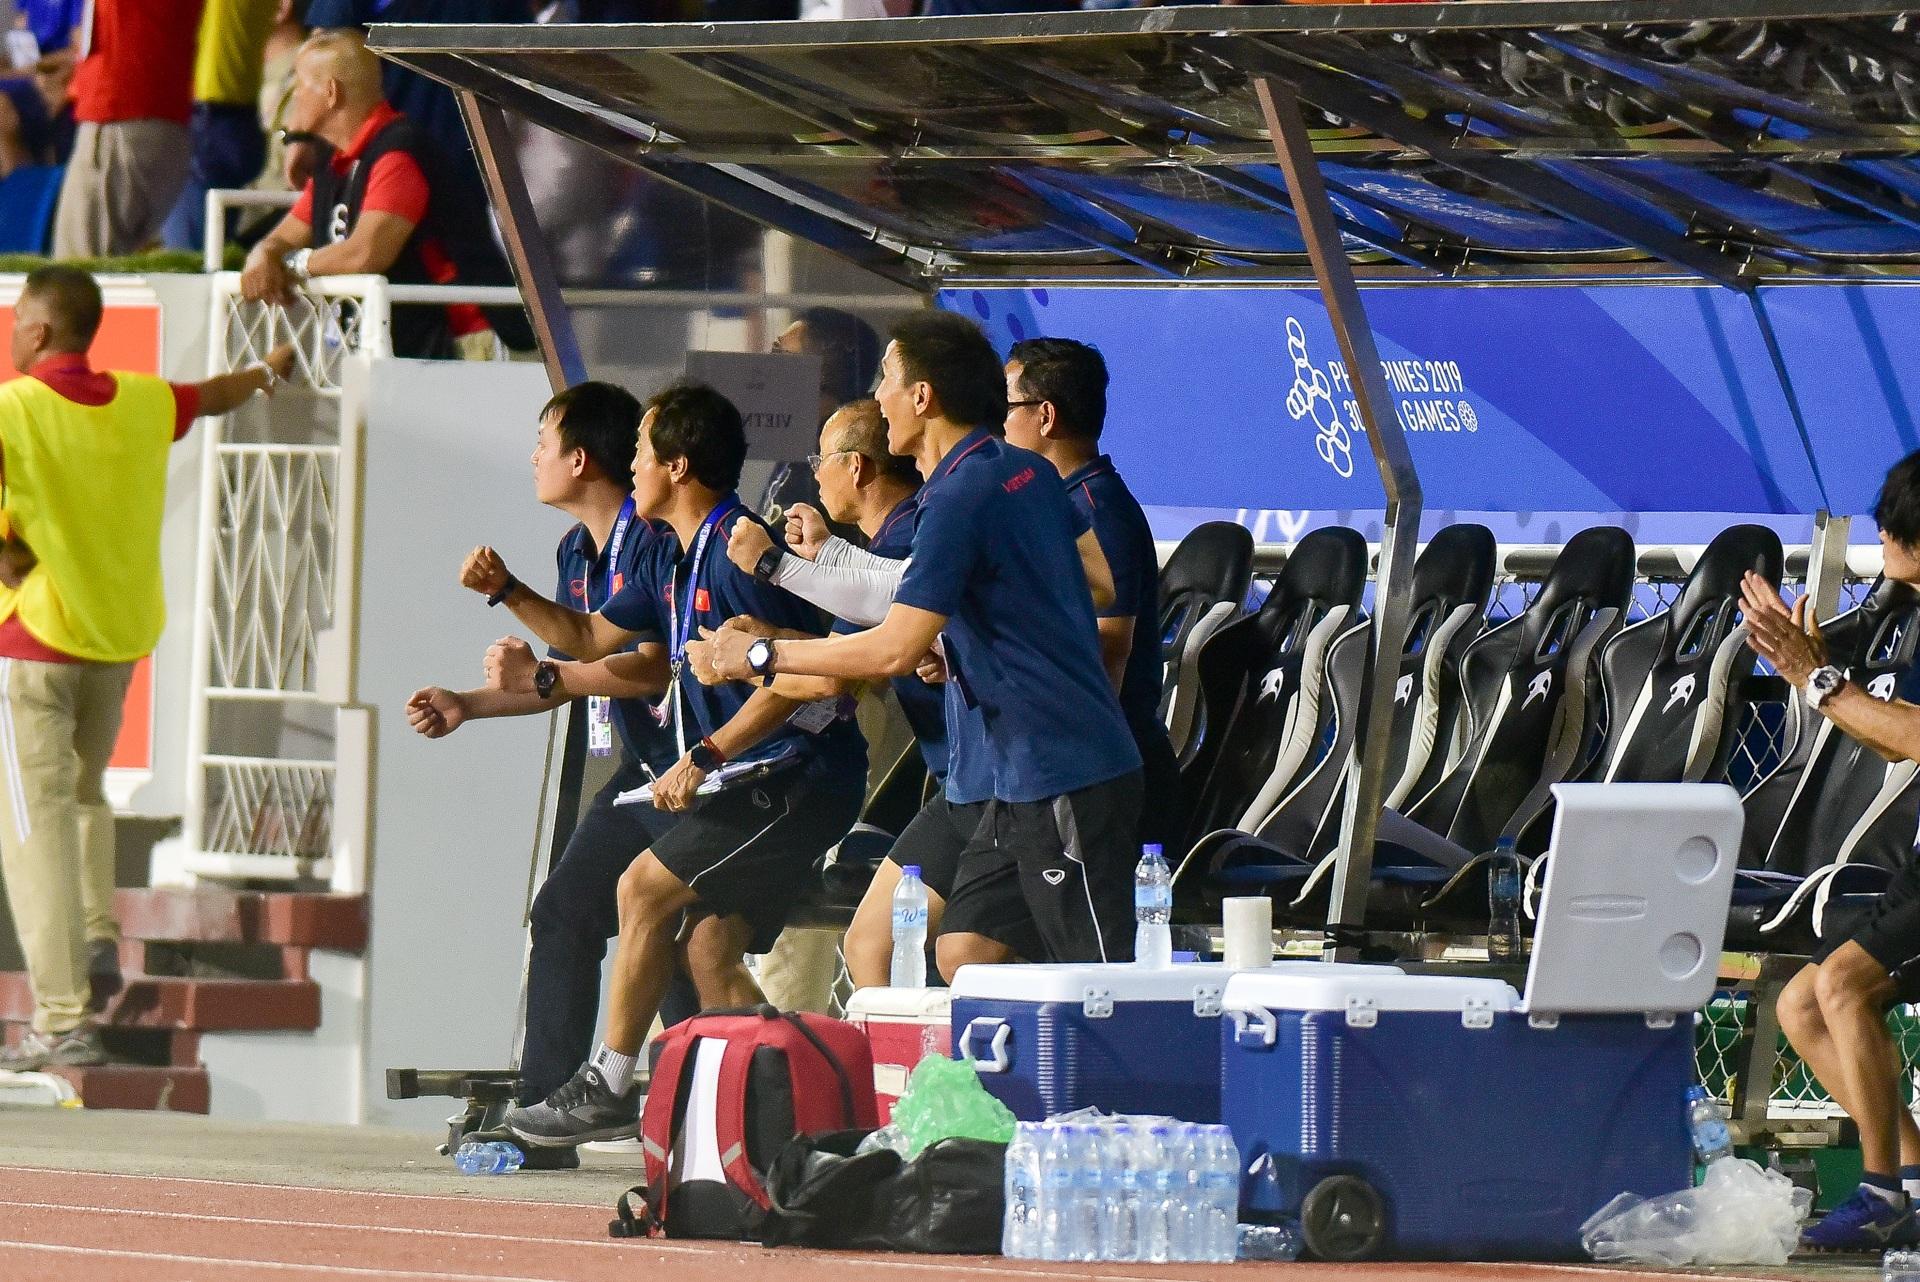 Những cảm xúc đặc biệt của HLV Park Hang Seo trong trận thắng U22 Campuchia - 7